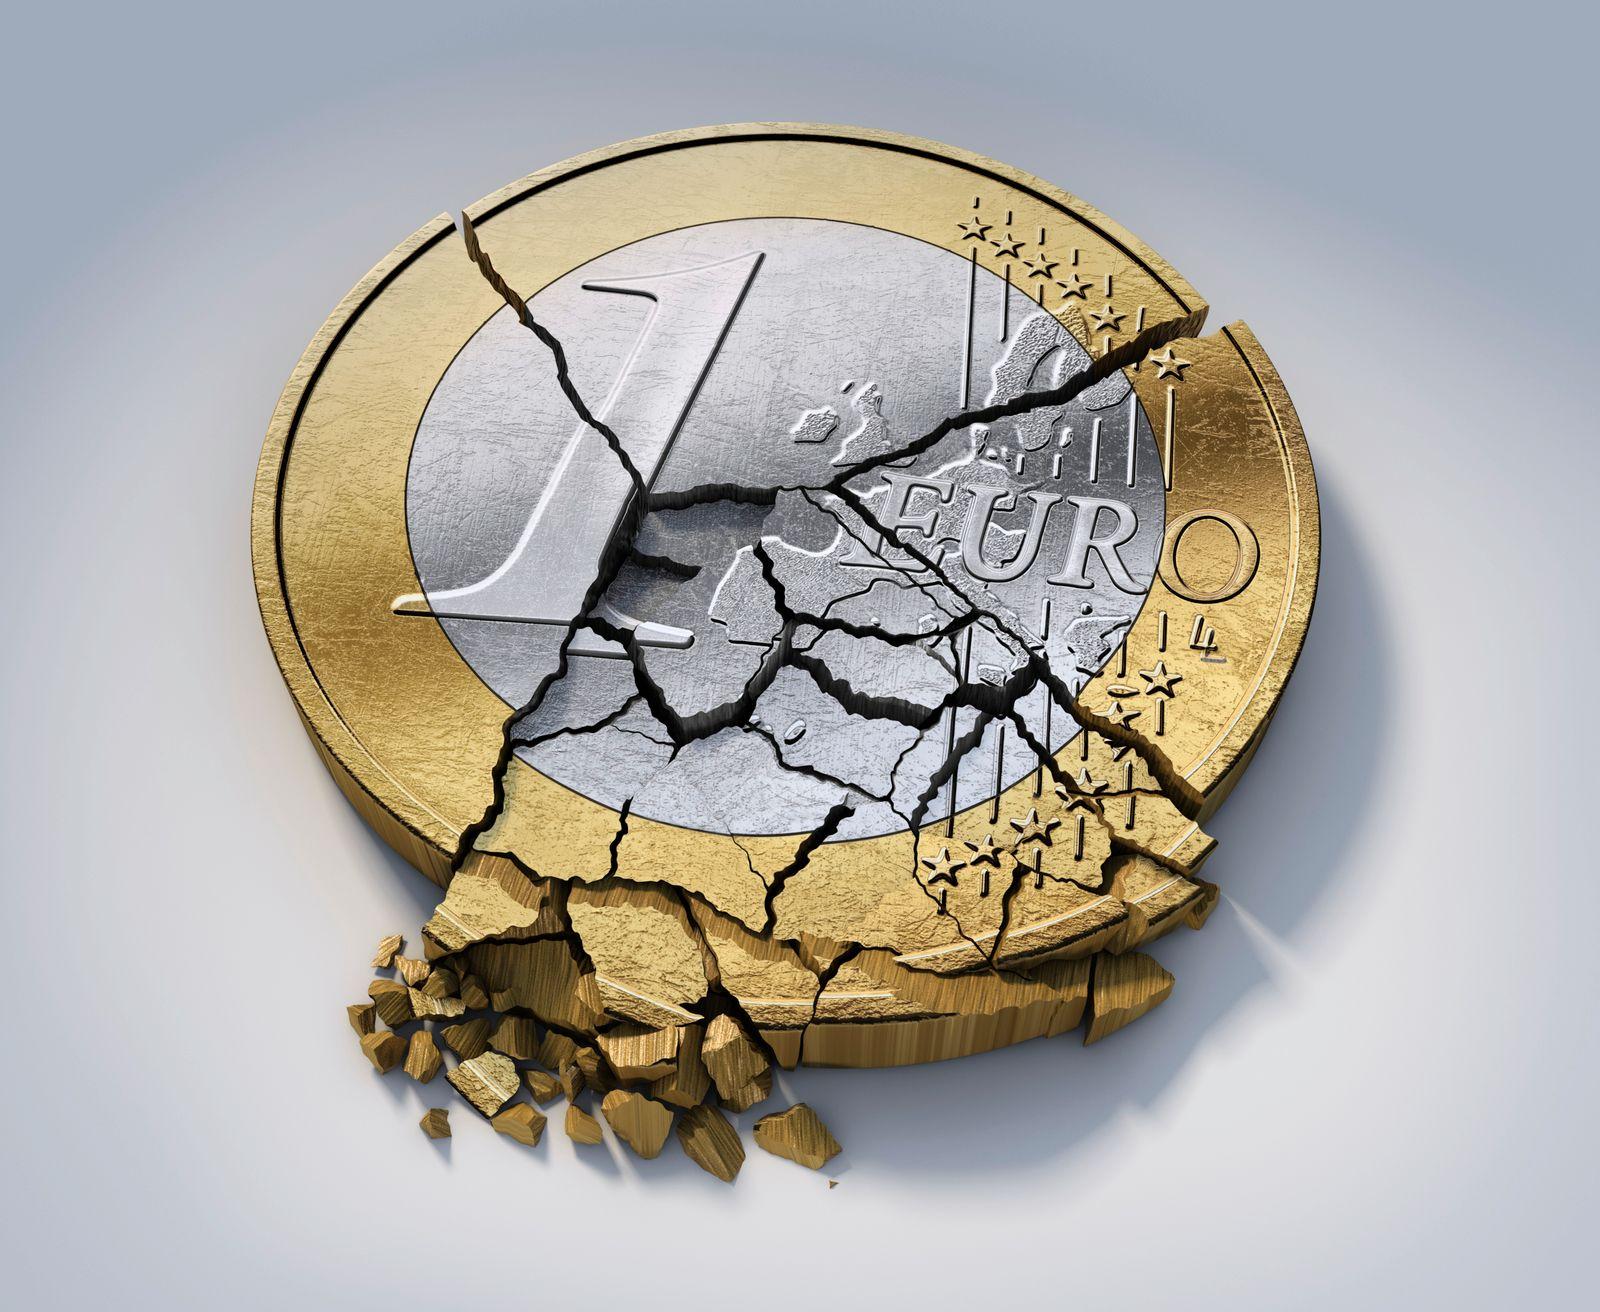 NICHT MEHR VERWENDEN! - Zerbrochene Euromünze